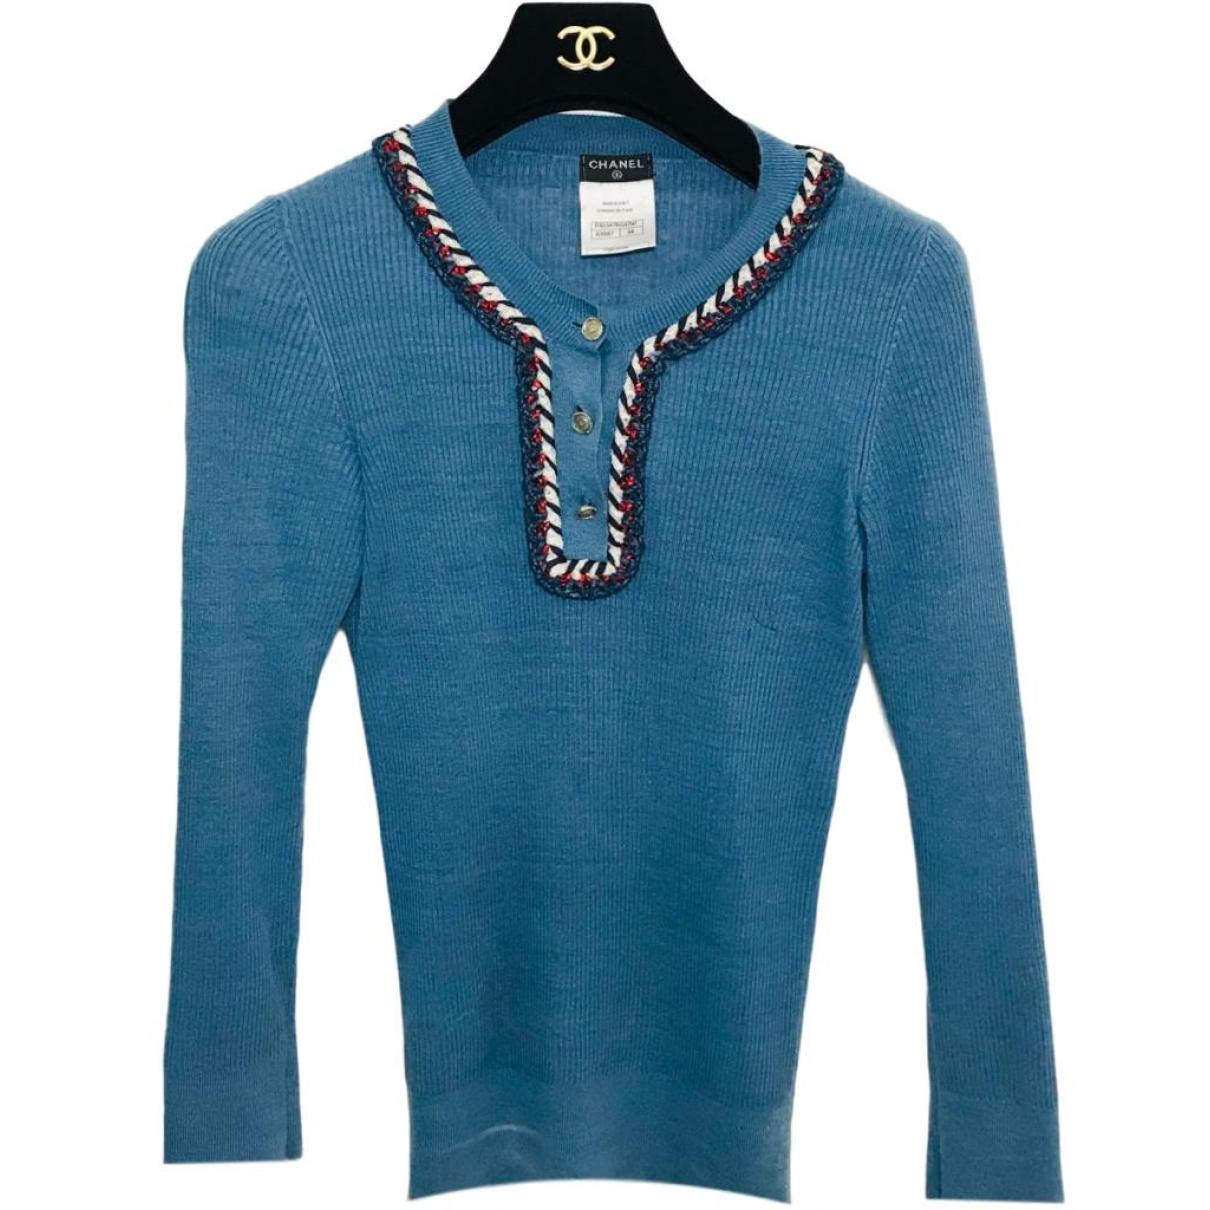 Chanel - Pull   pour femme en lin - bleu